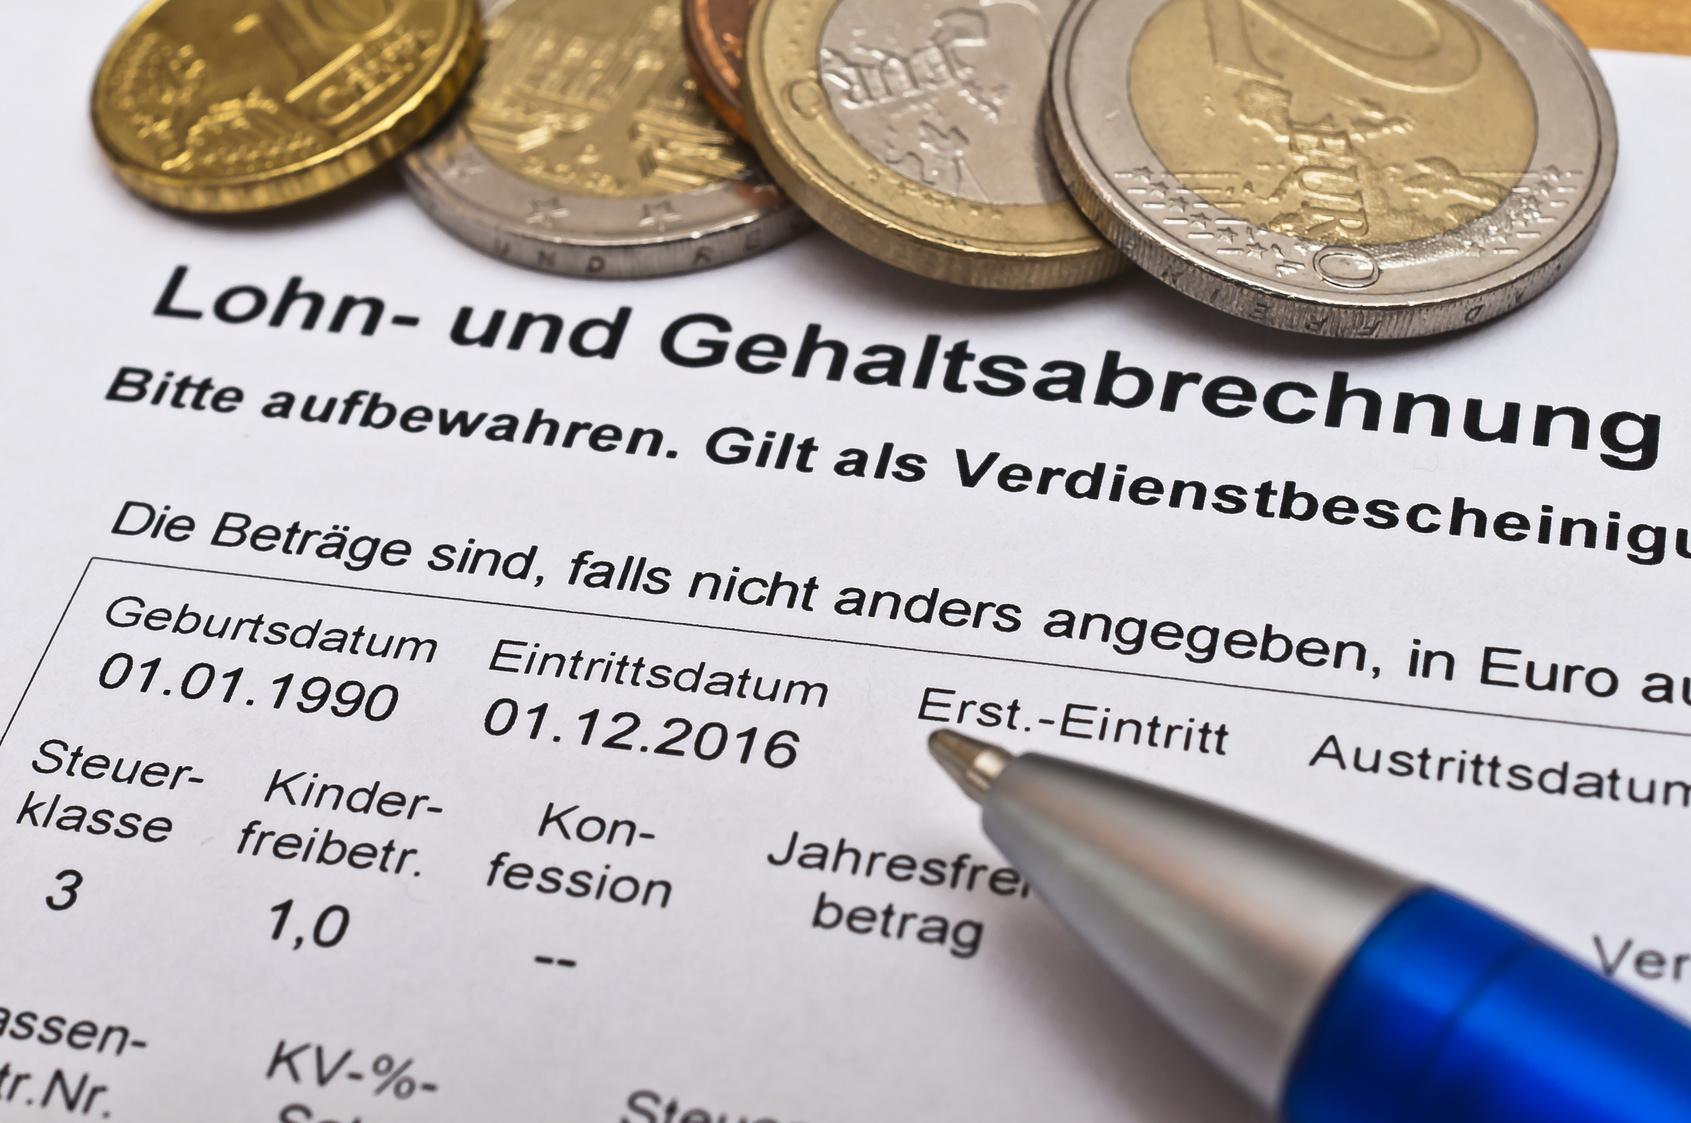 Lohn- und Gehaltsabrechnungen